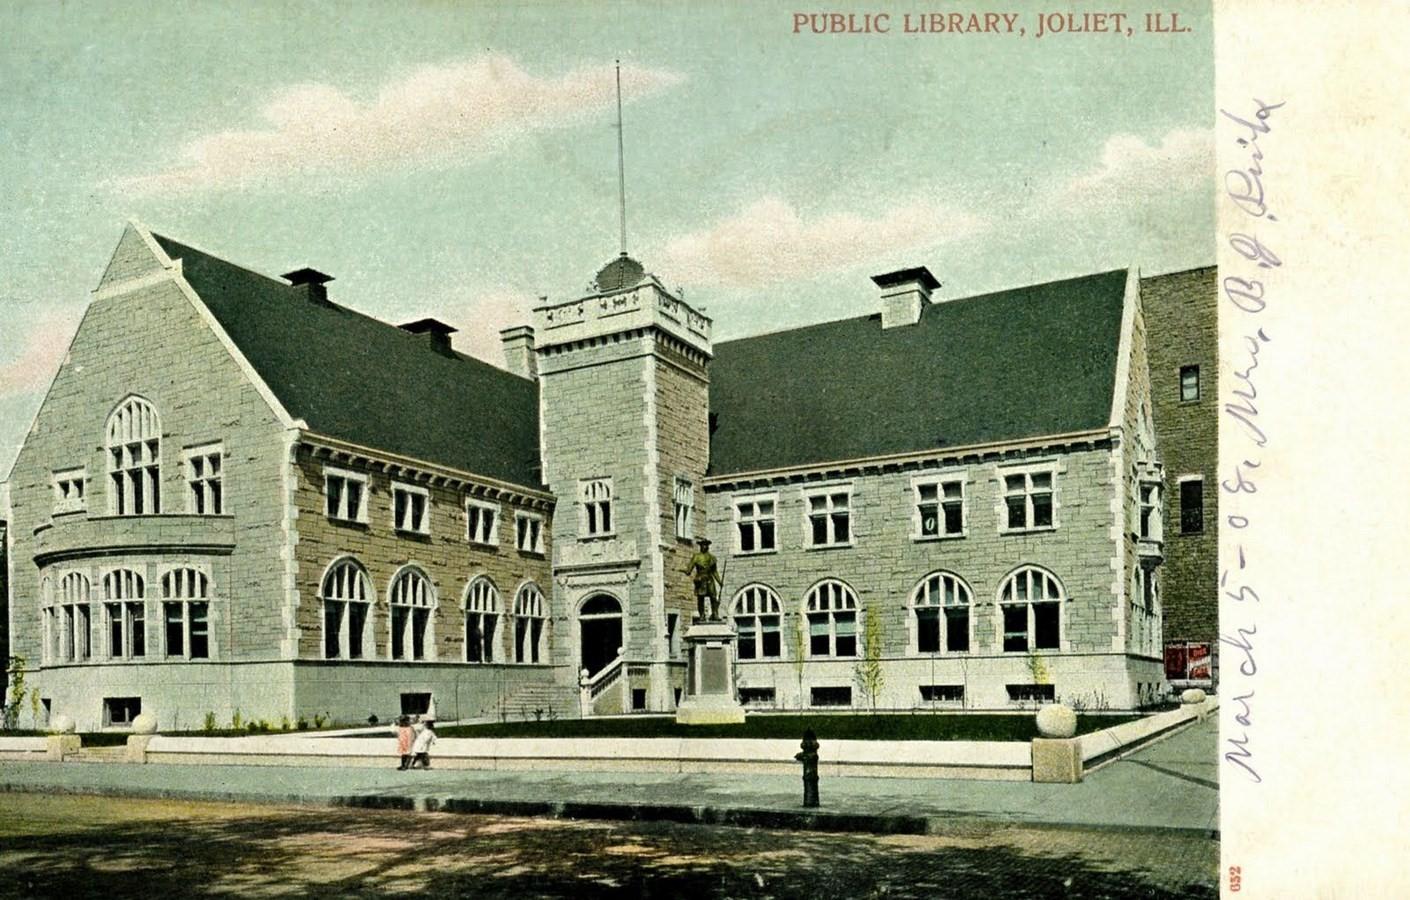 Joliet Public Library, Joliet [1903] - Sheet4